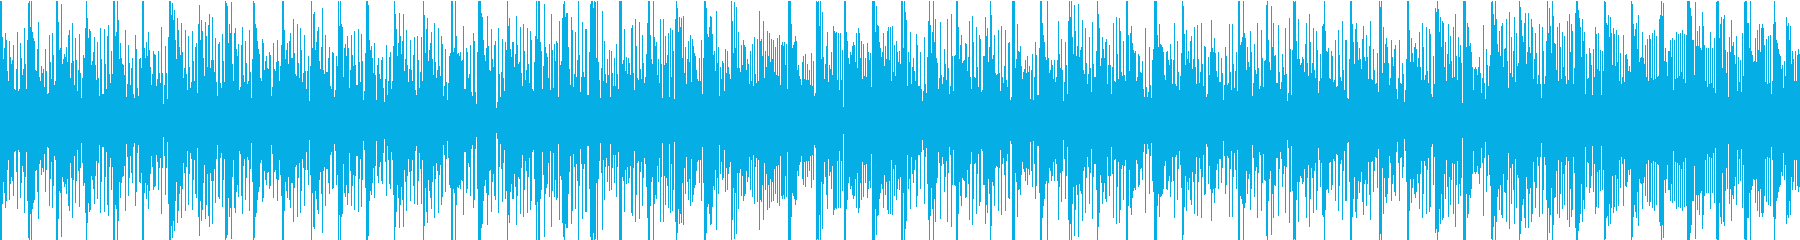 レトロ感のあるエレクトロポップの再生済みの波形